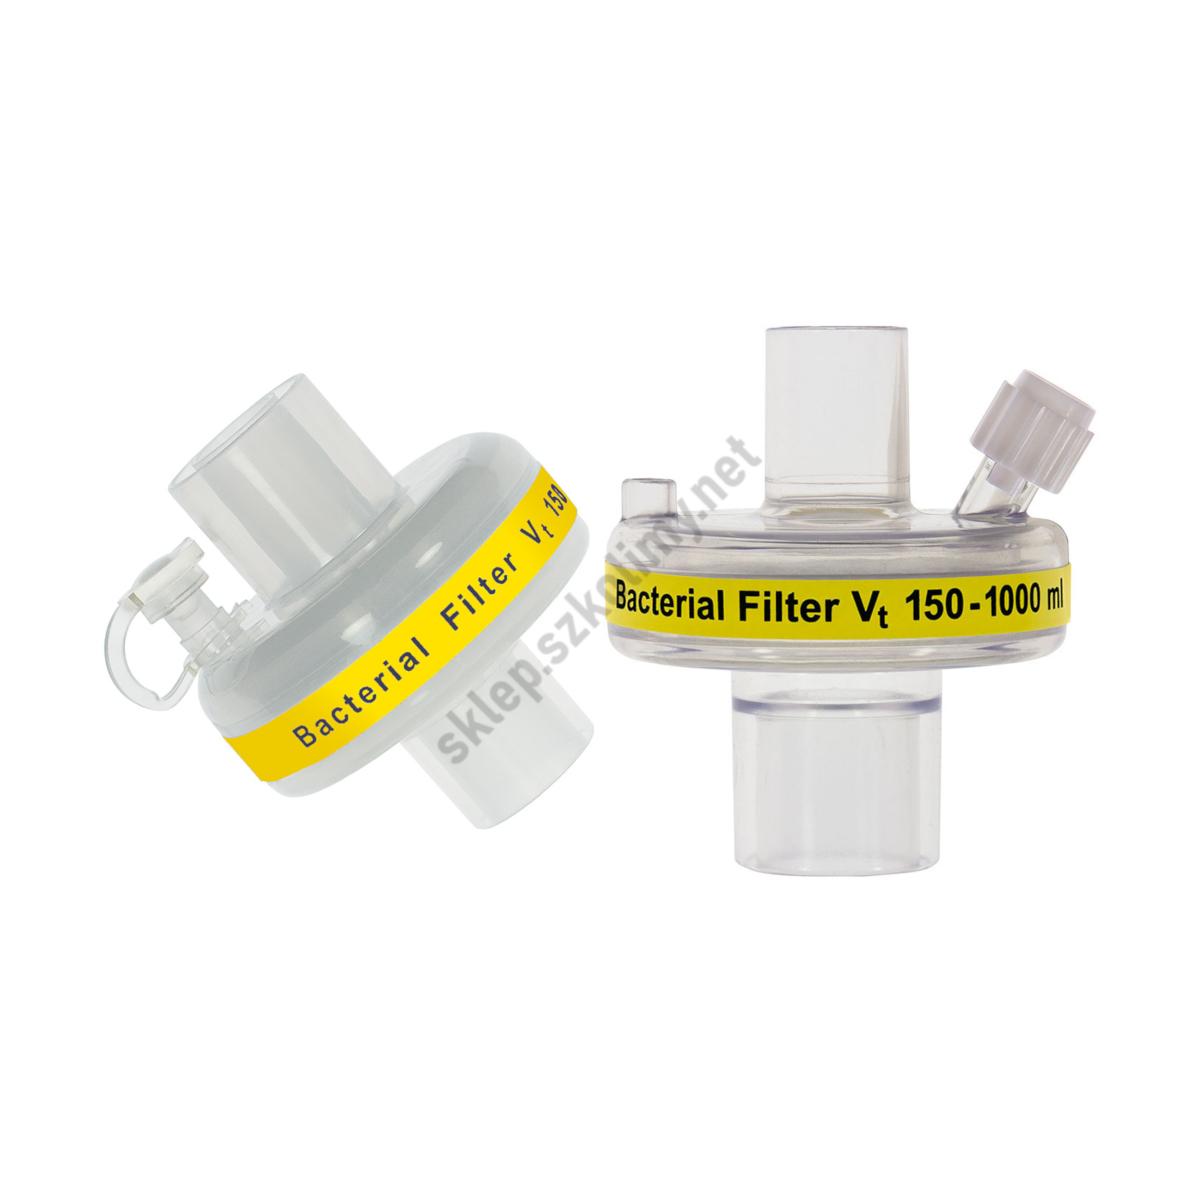 Filtr przeciwbakteryjny do resuscytatora(dla dzieci | dla dorosłych)